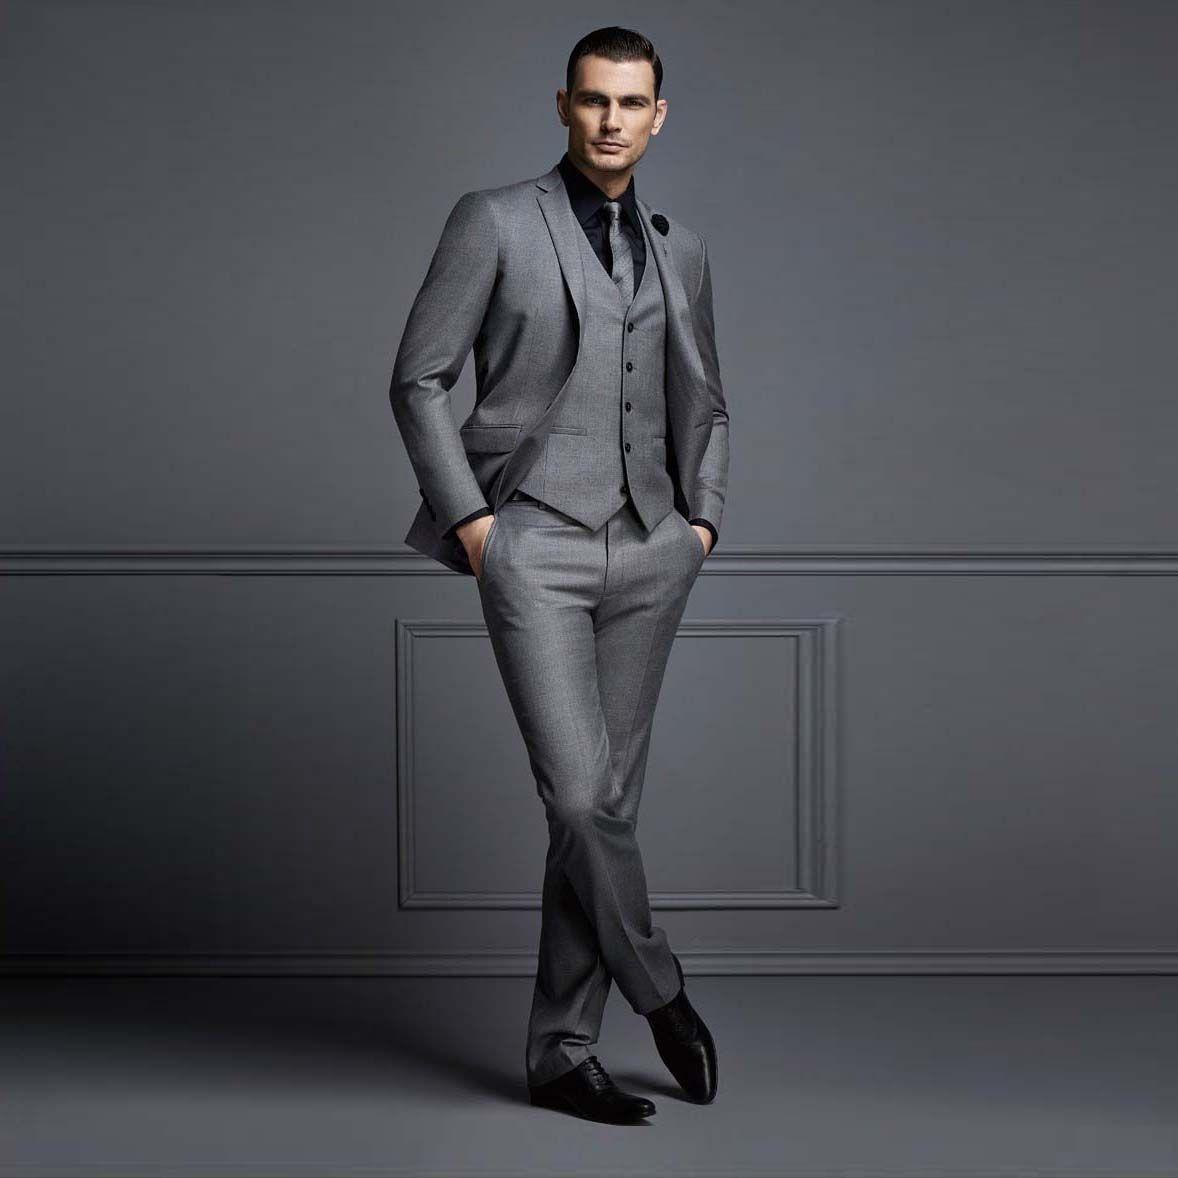 2018 Dernière pantalon manteau Designs Costume gris Hommes pour mariage 3 pièces Costumes Slim pour les entreprises entaillé smokings Veste Gilet Lapel Pantalon